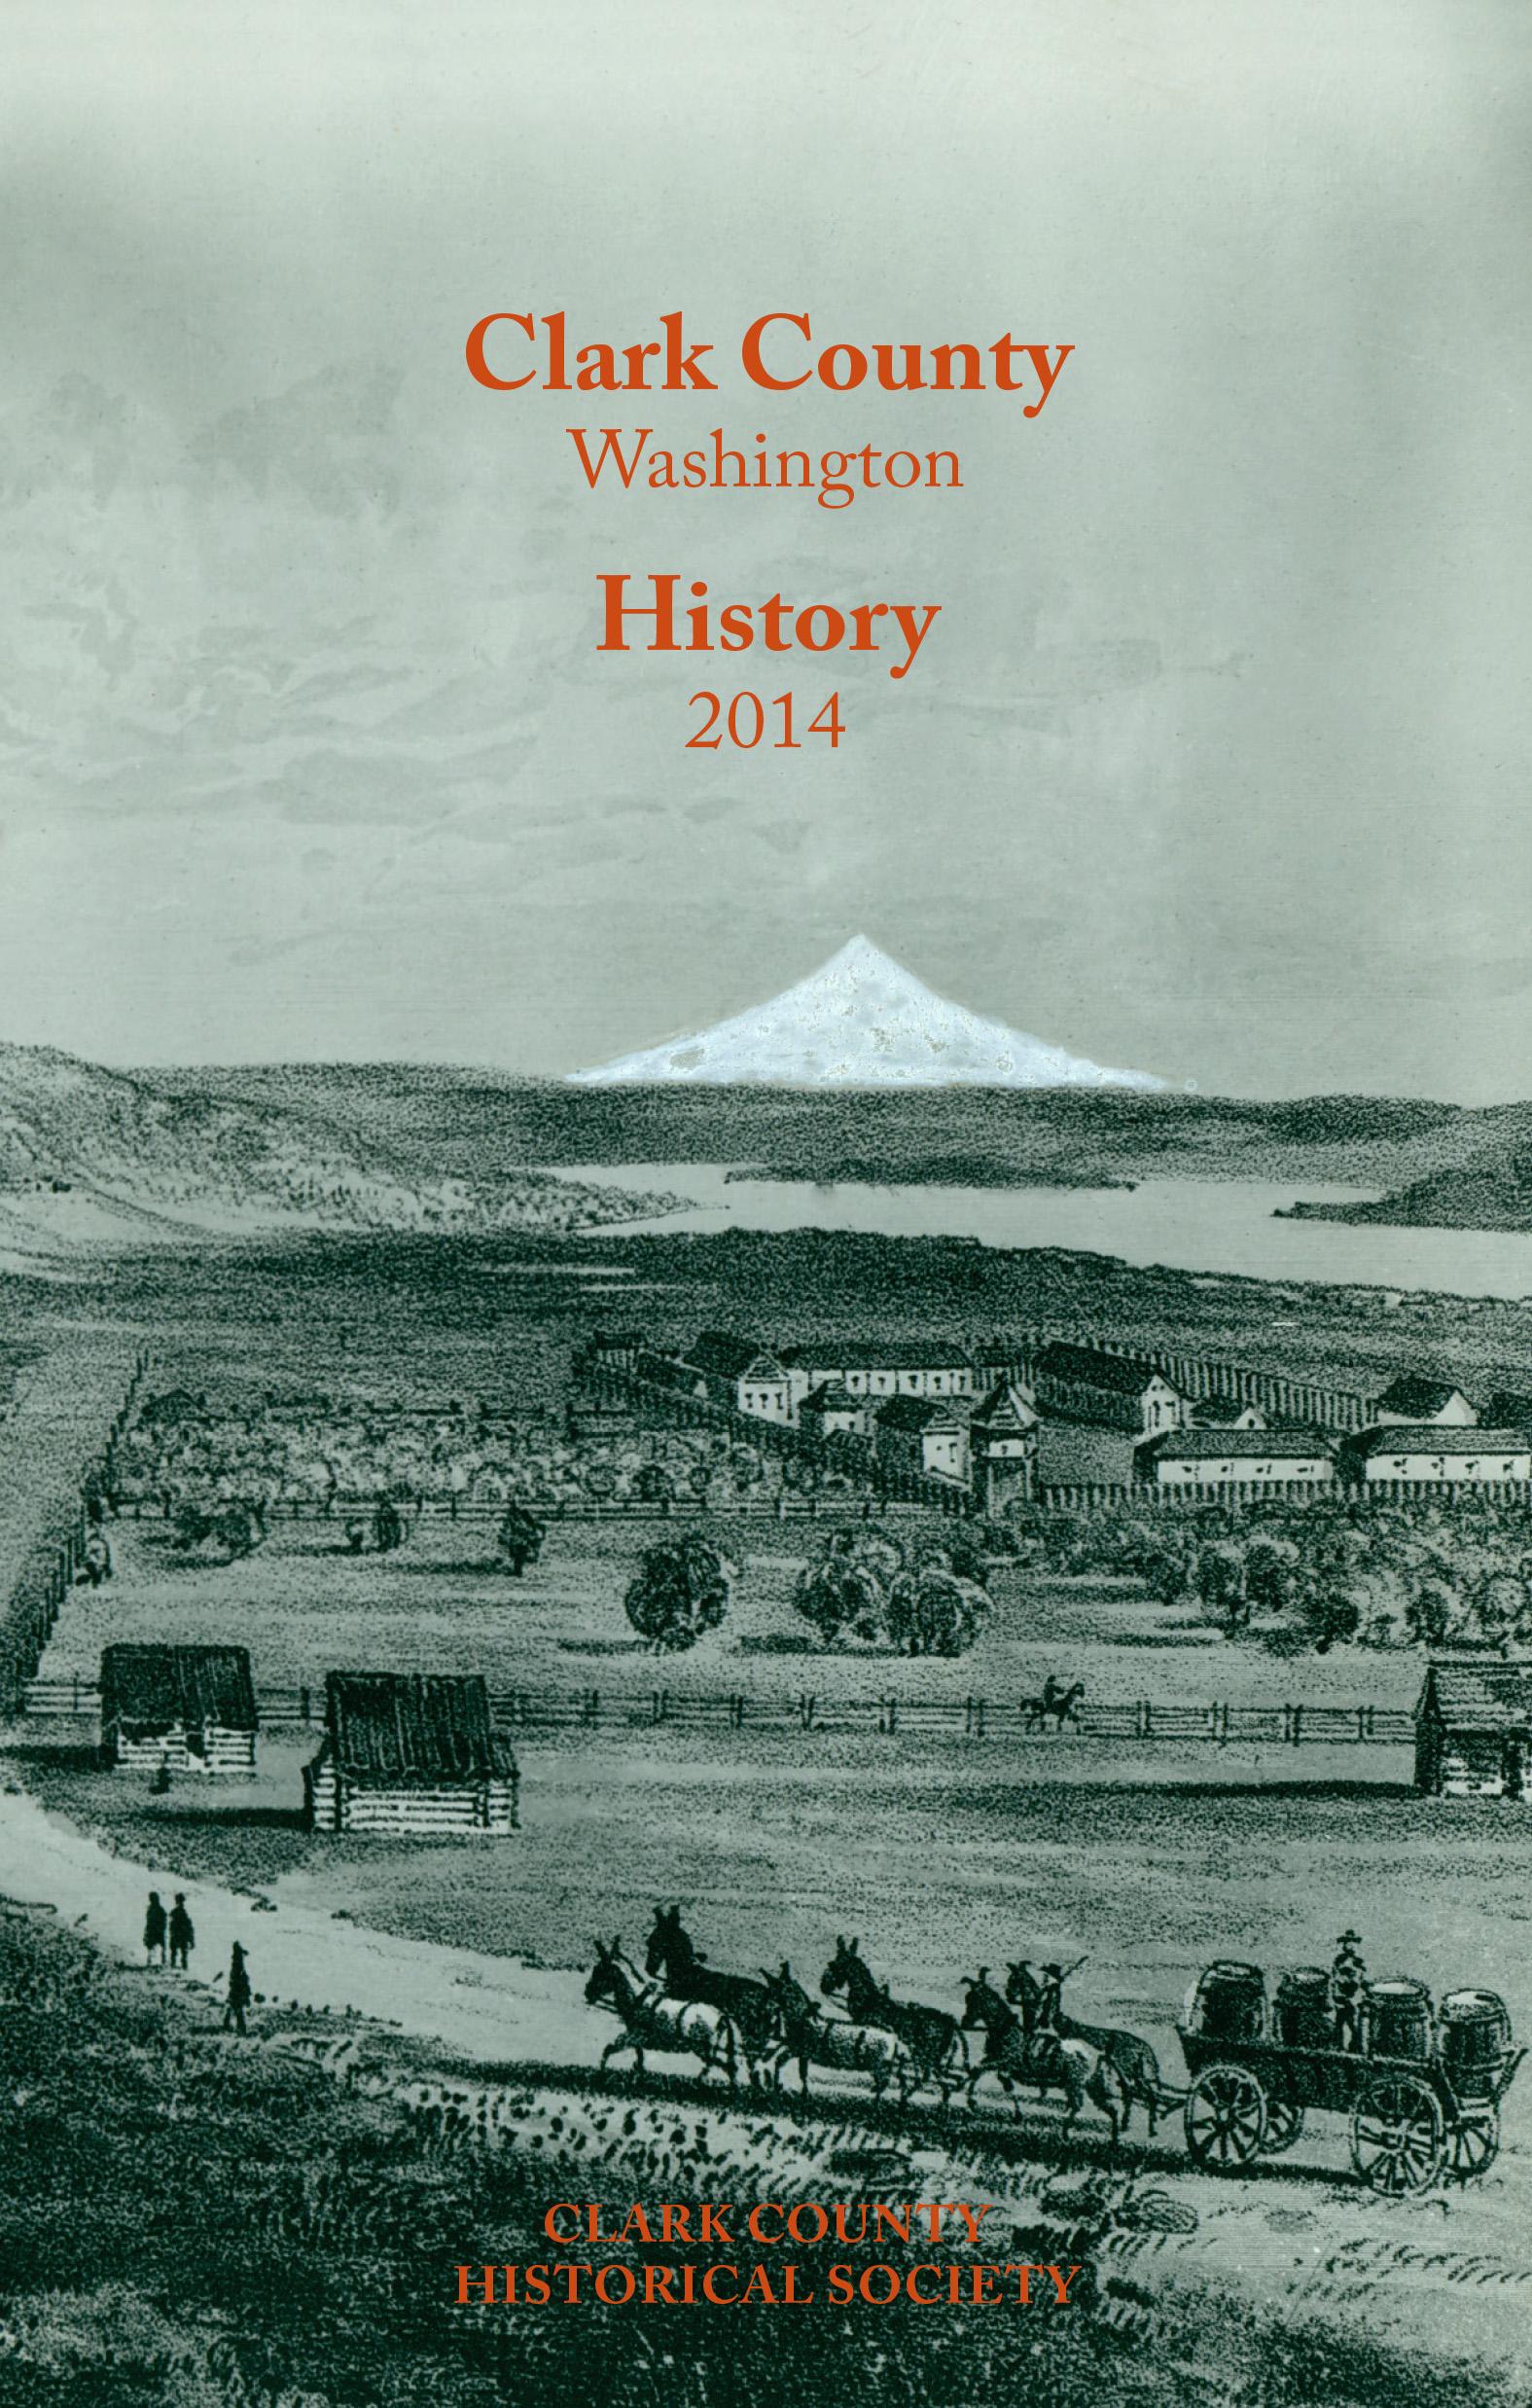 Clark County Washington History (2014)